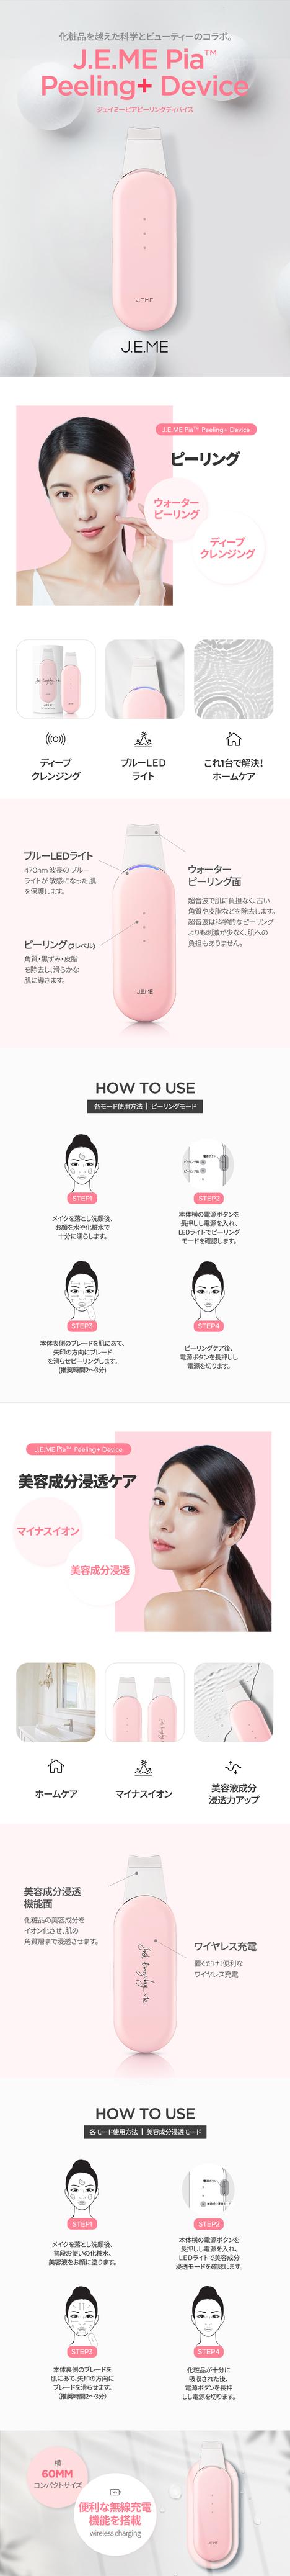 bp jemepia detail jp